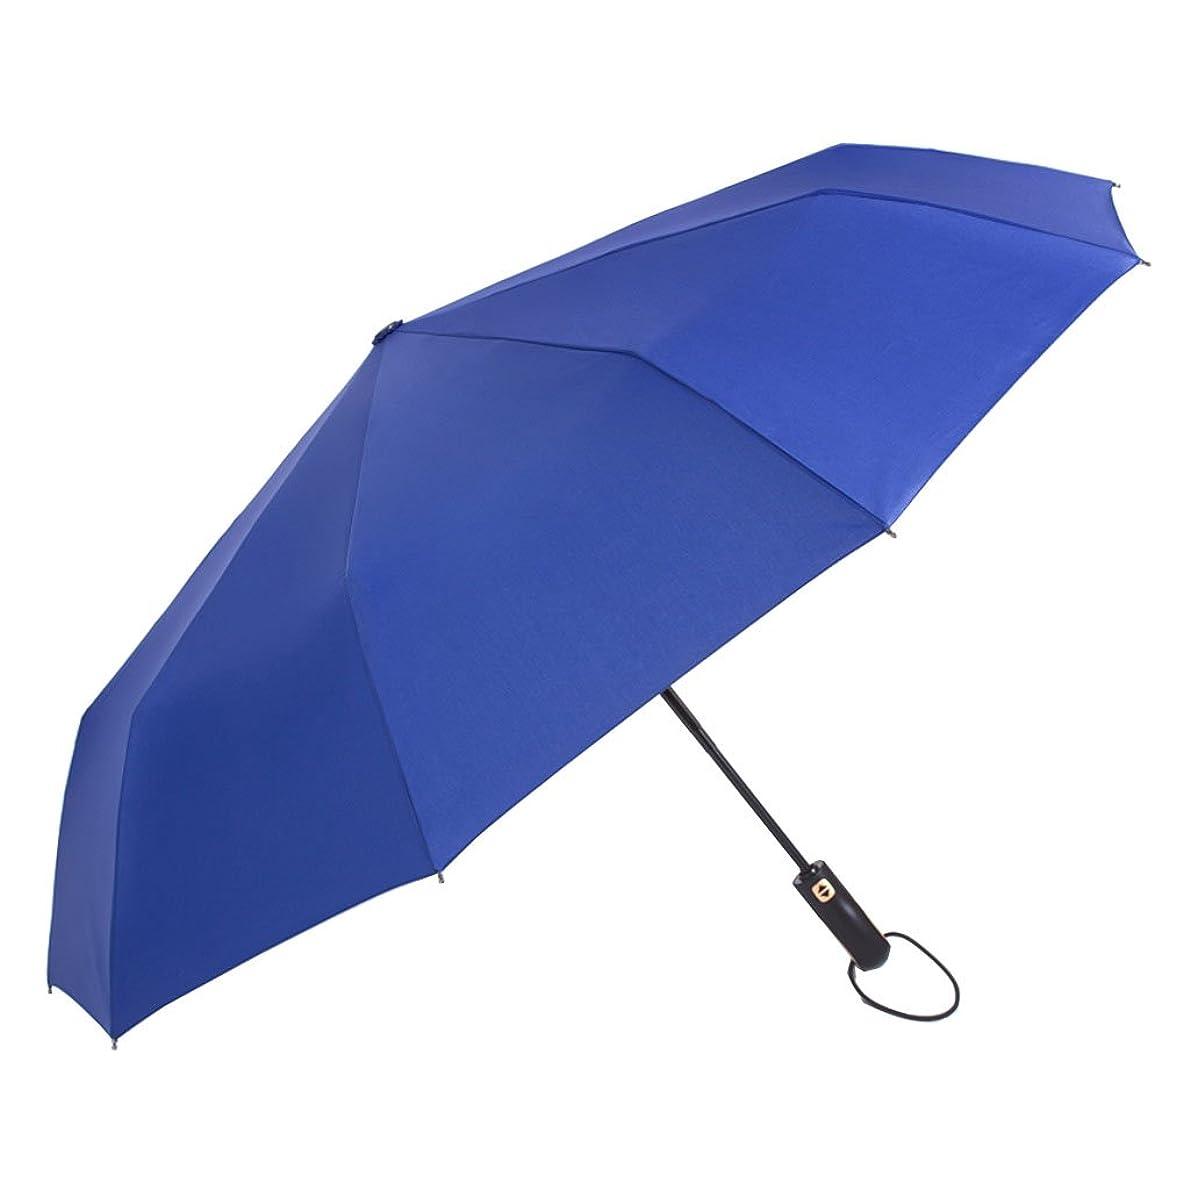 八百屋さんジョージハンブリー拡声器防風傘を強化するための二重目的の自動開閉と折り畳み傘滑り止めハンドルは素早く乾燥し、持ち運びが容易ブラックブラウンブルー3色 (色 : Blue)